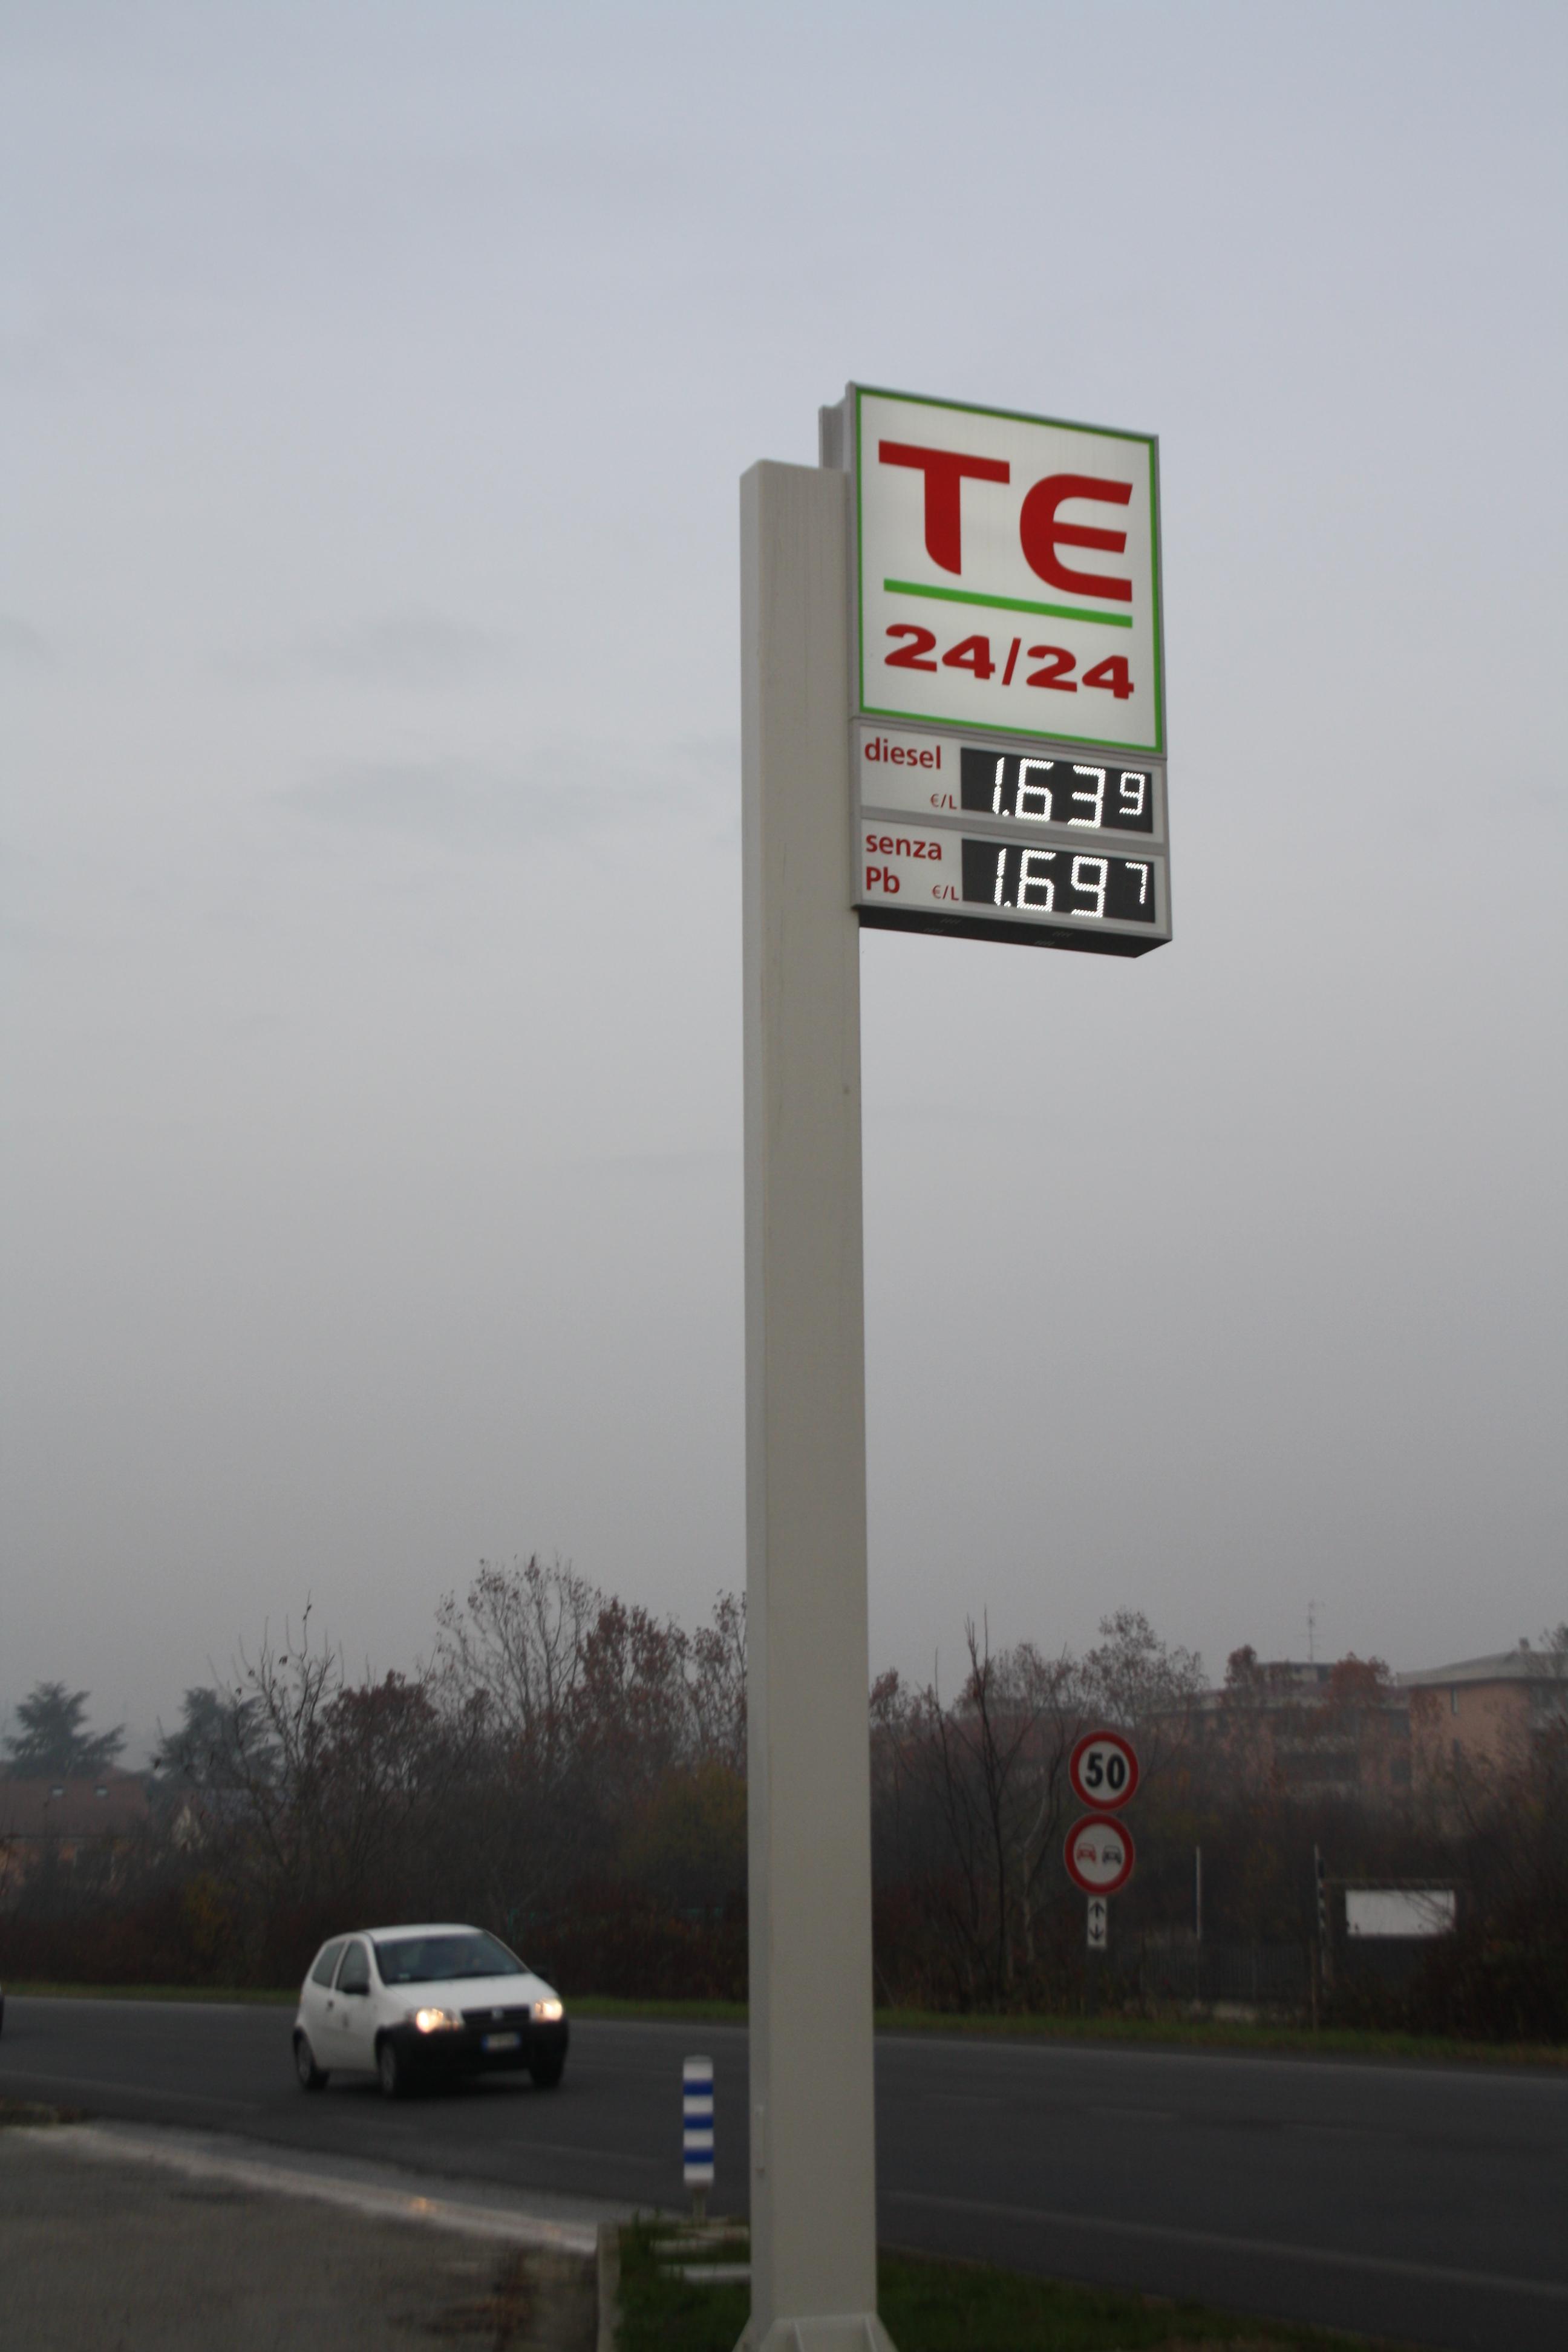 Mrs Sensible's Garage TE. €1.69 a litre